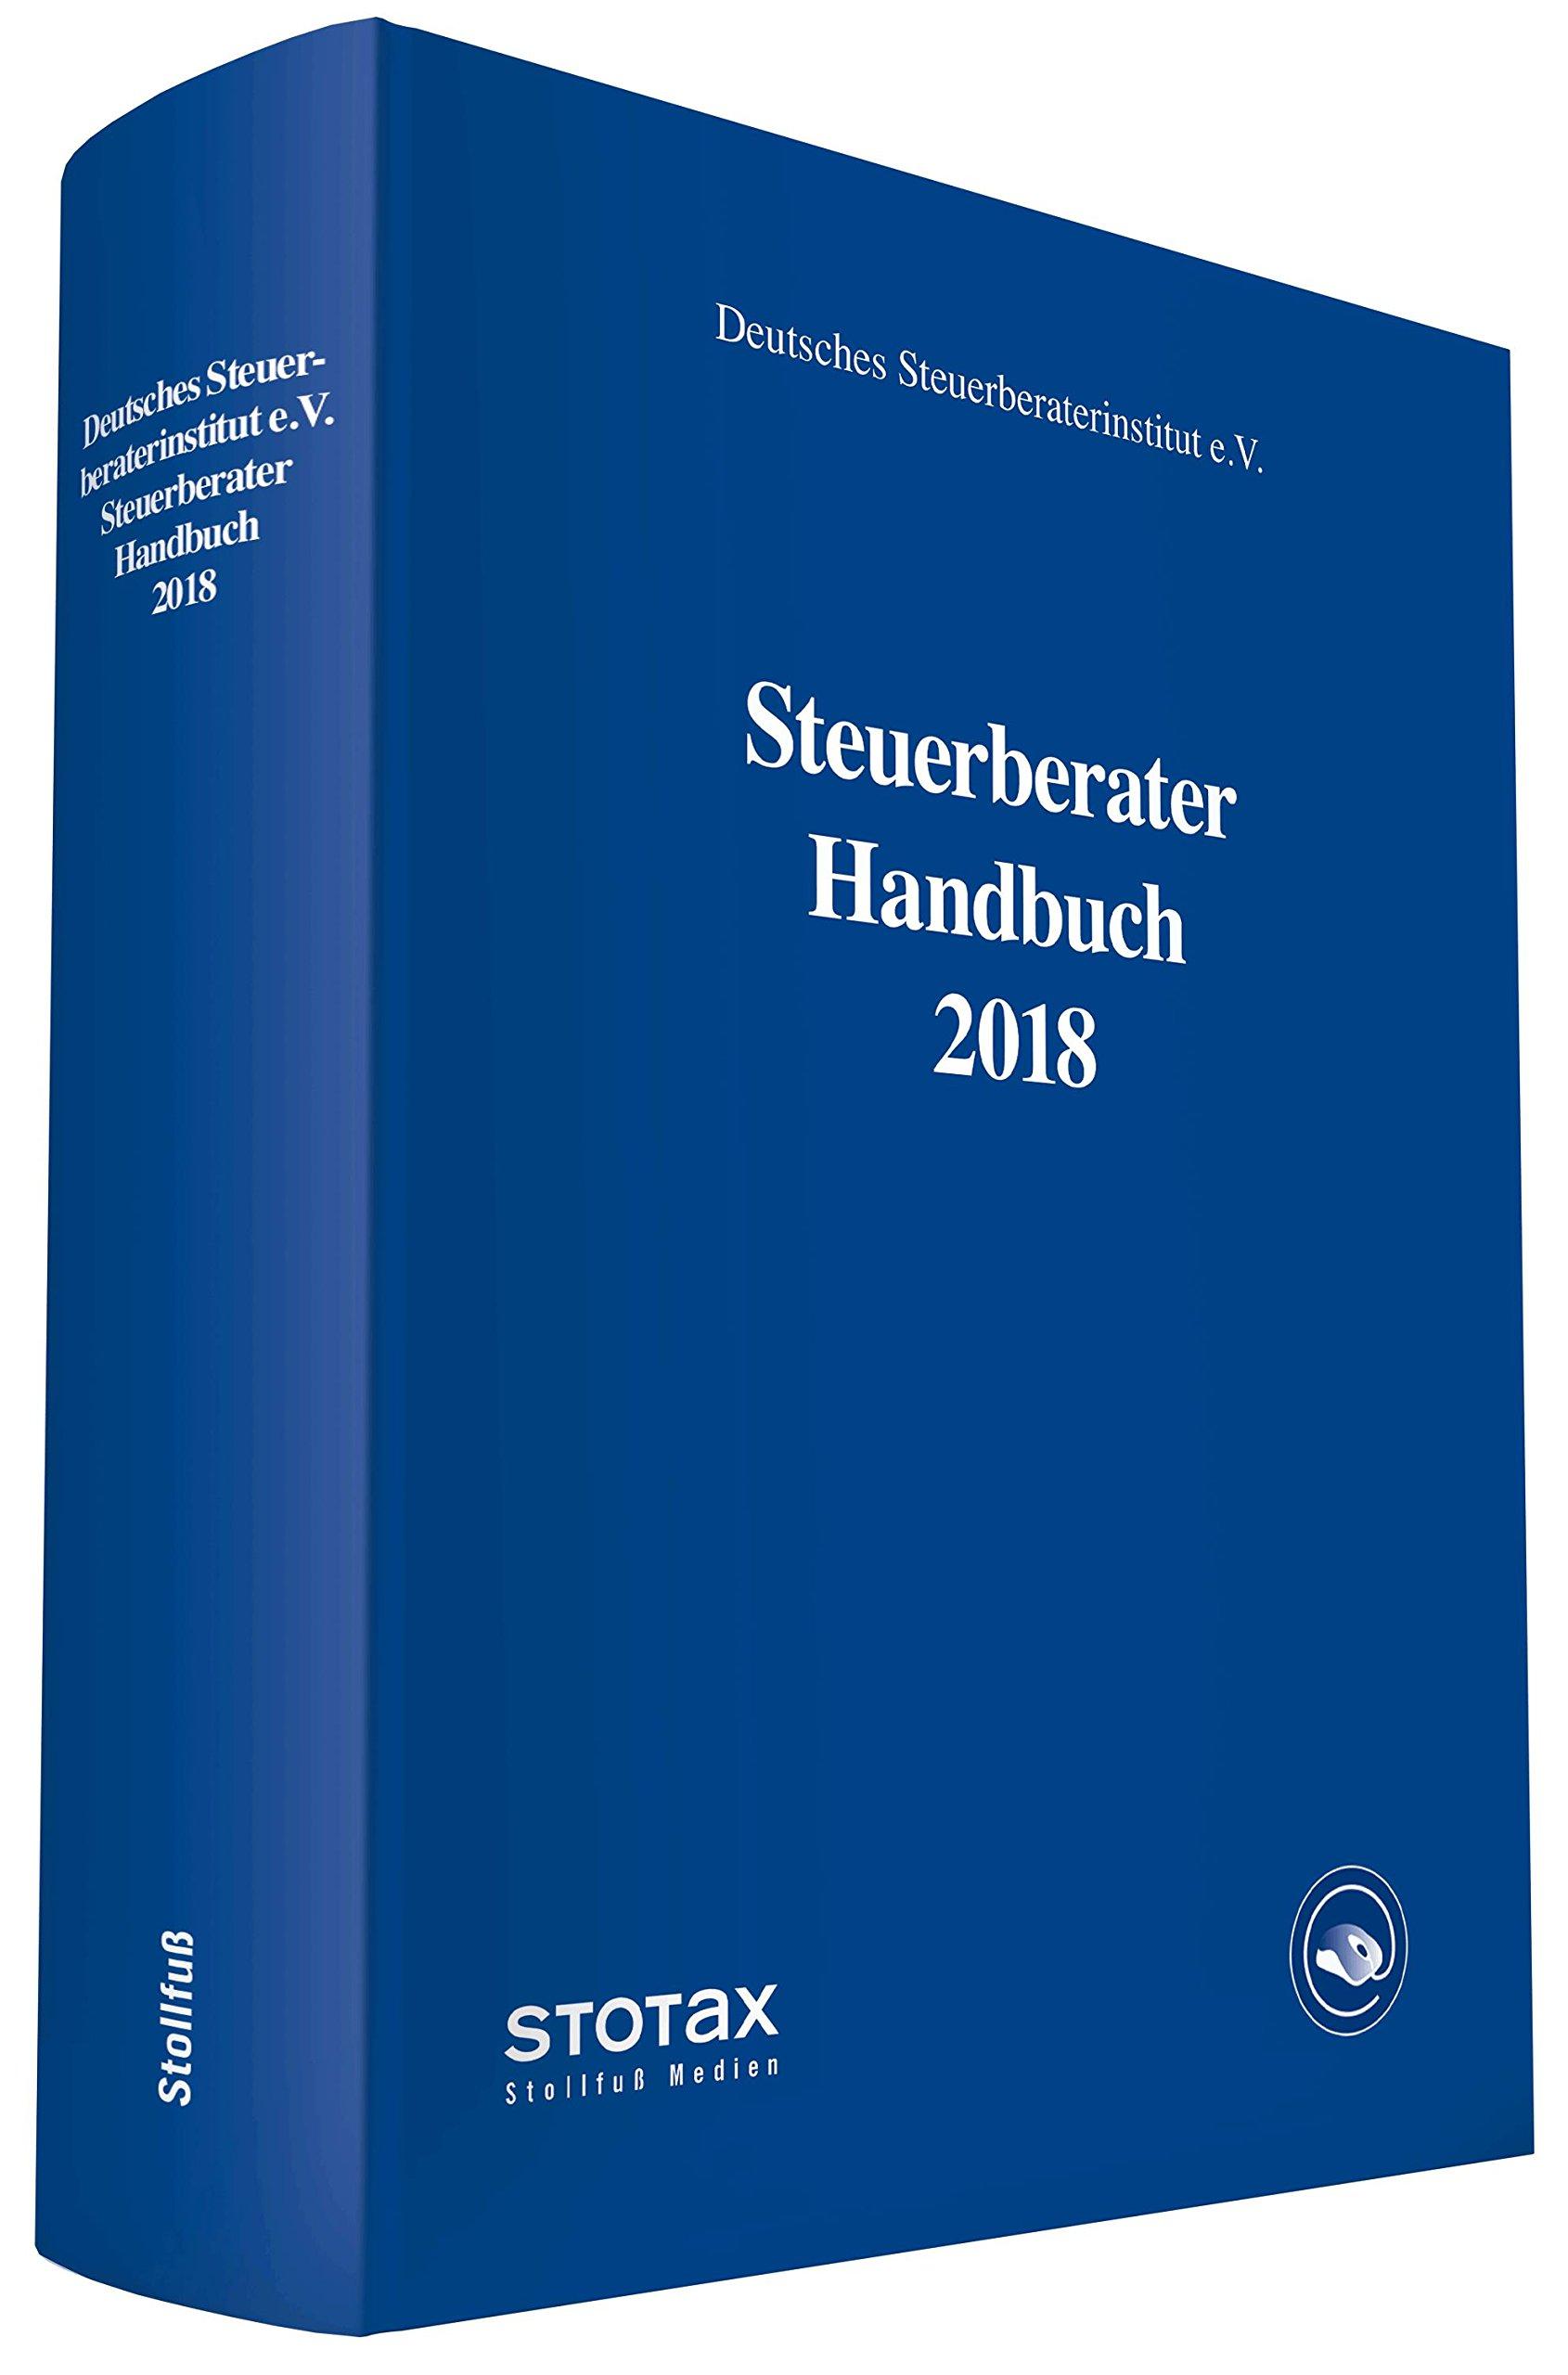 Steuerberater Handbuch 2018 Gebundenes Buch – 7. Mai 2018 Stollfuß 3083740182 Steuern Nachschlagewerke)